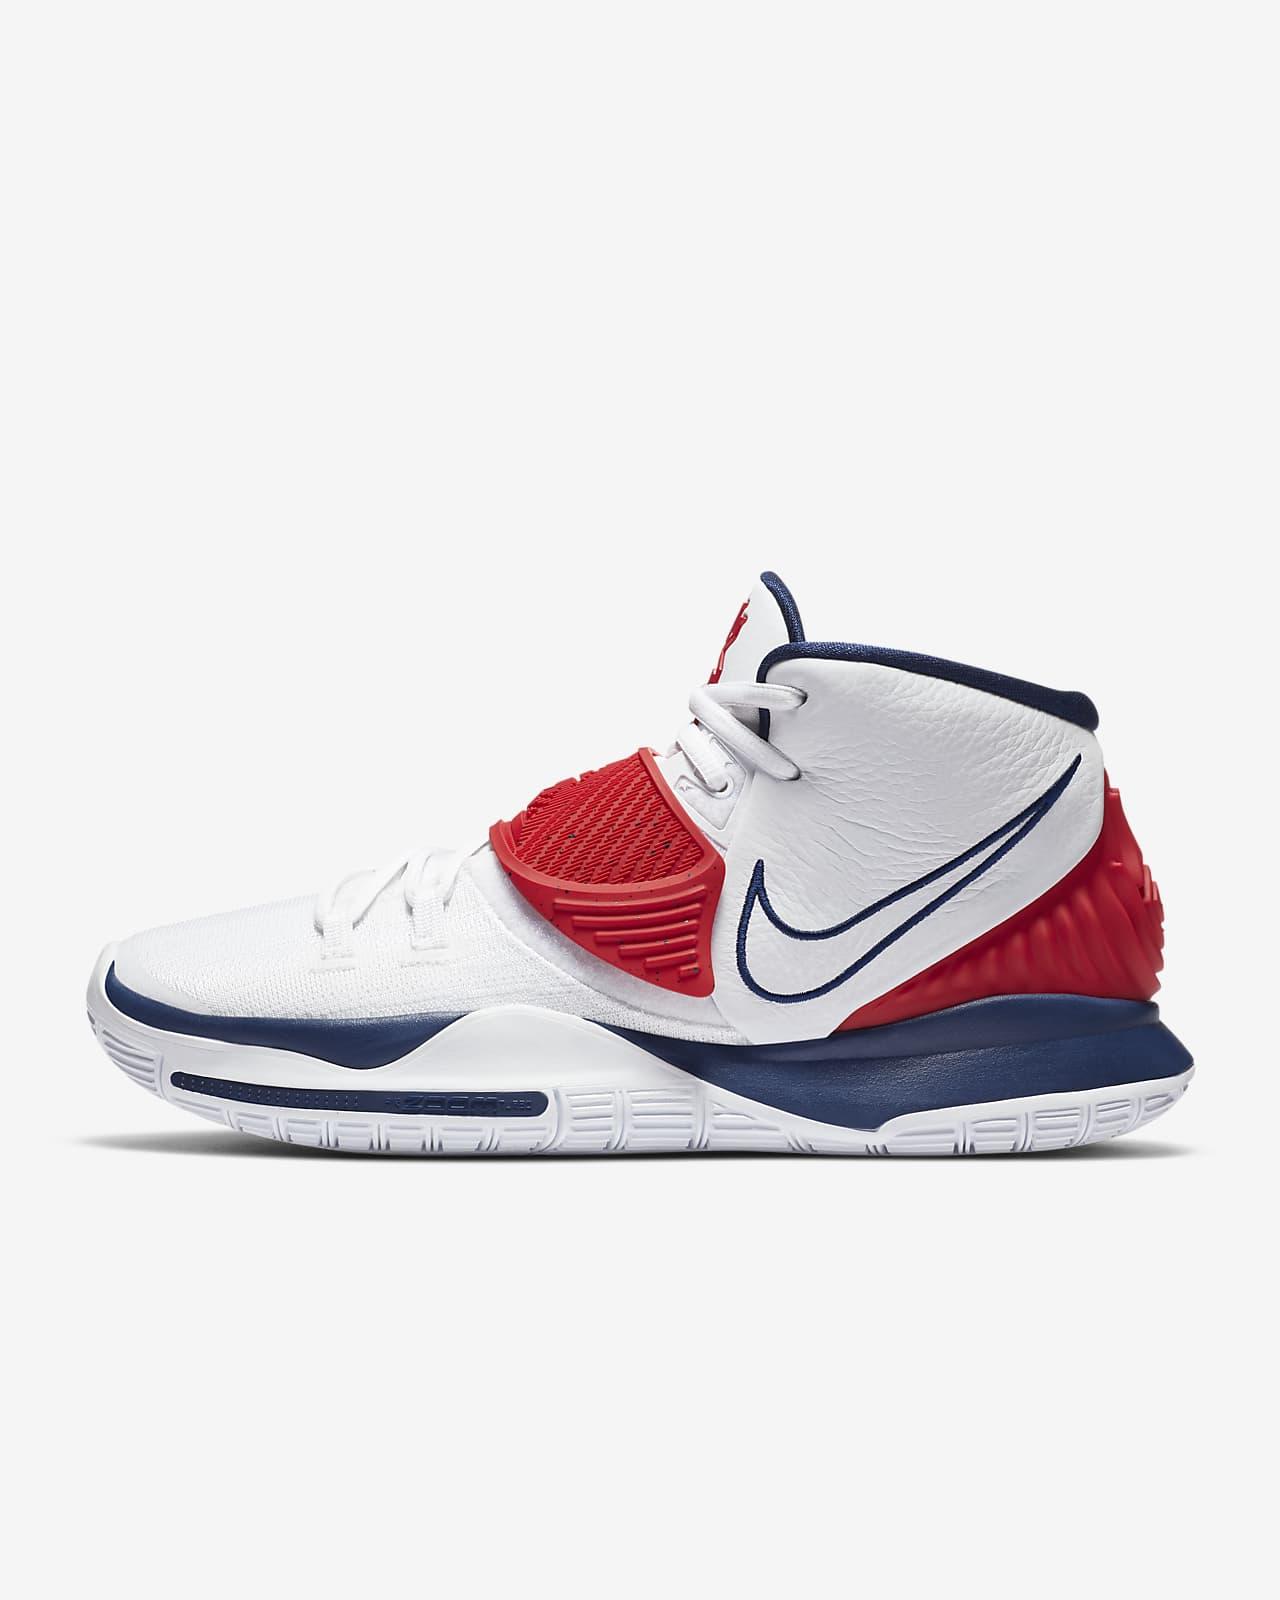 Nike Sko Børn Udsalg : Køb Nike Sneakers & Basketball Sko